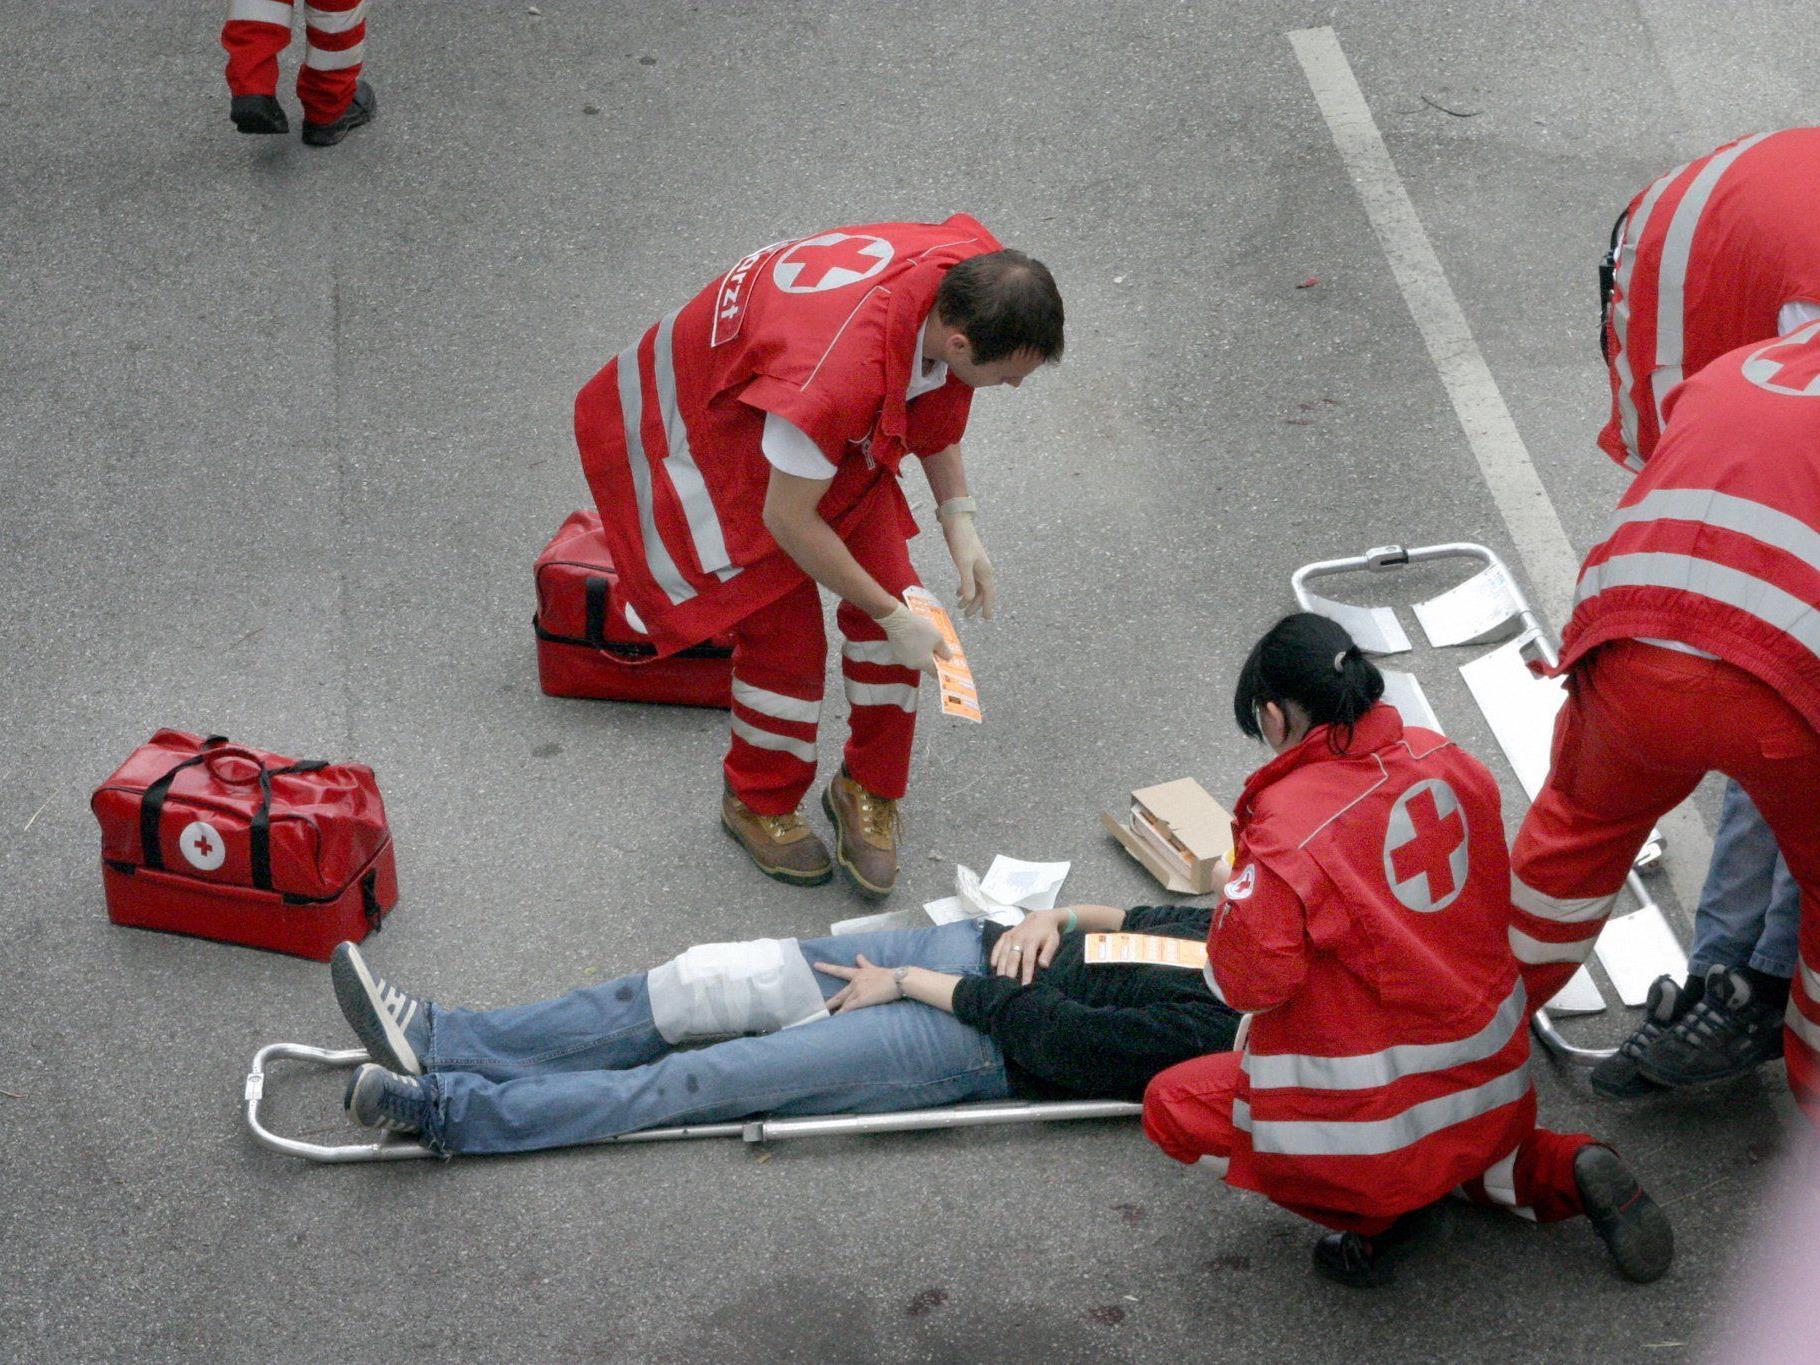 Die Polizisten retteten dem Mann das Leben, die Versorgung übernahm dann die Rettung.